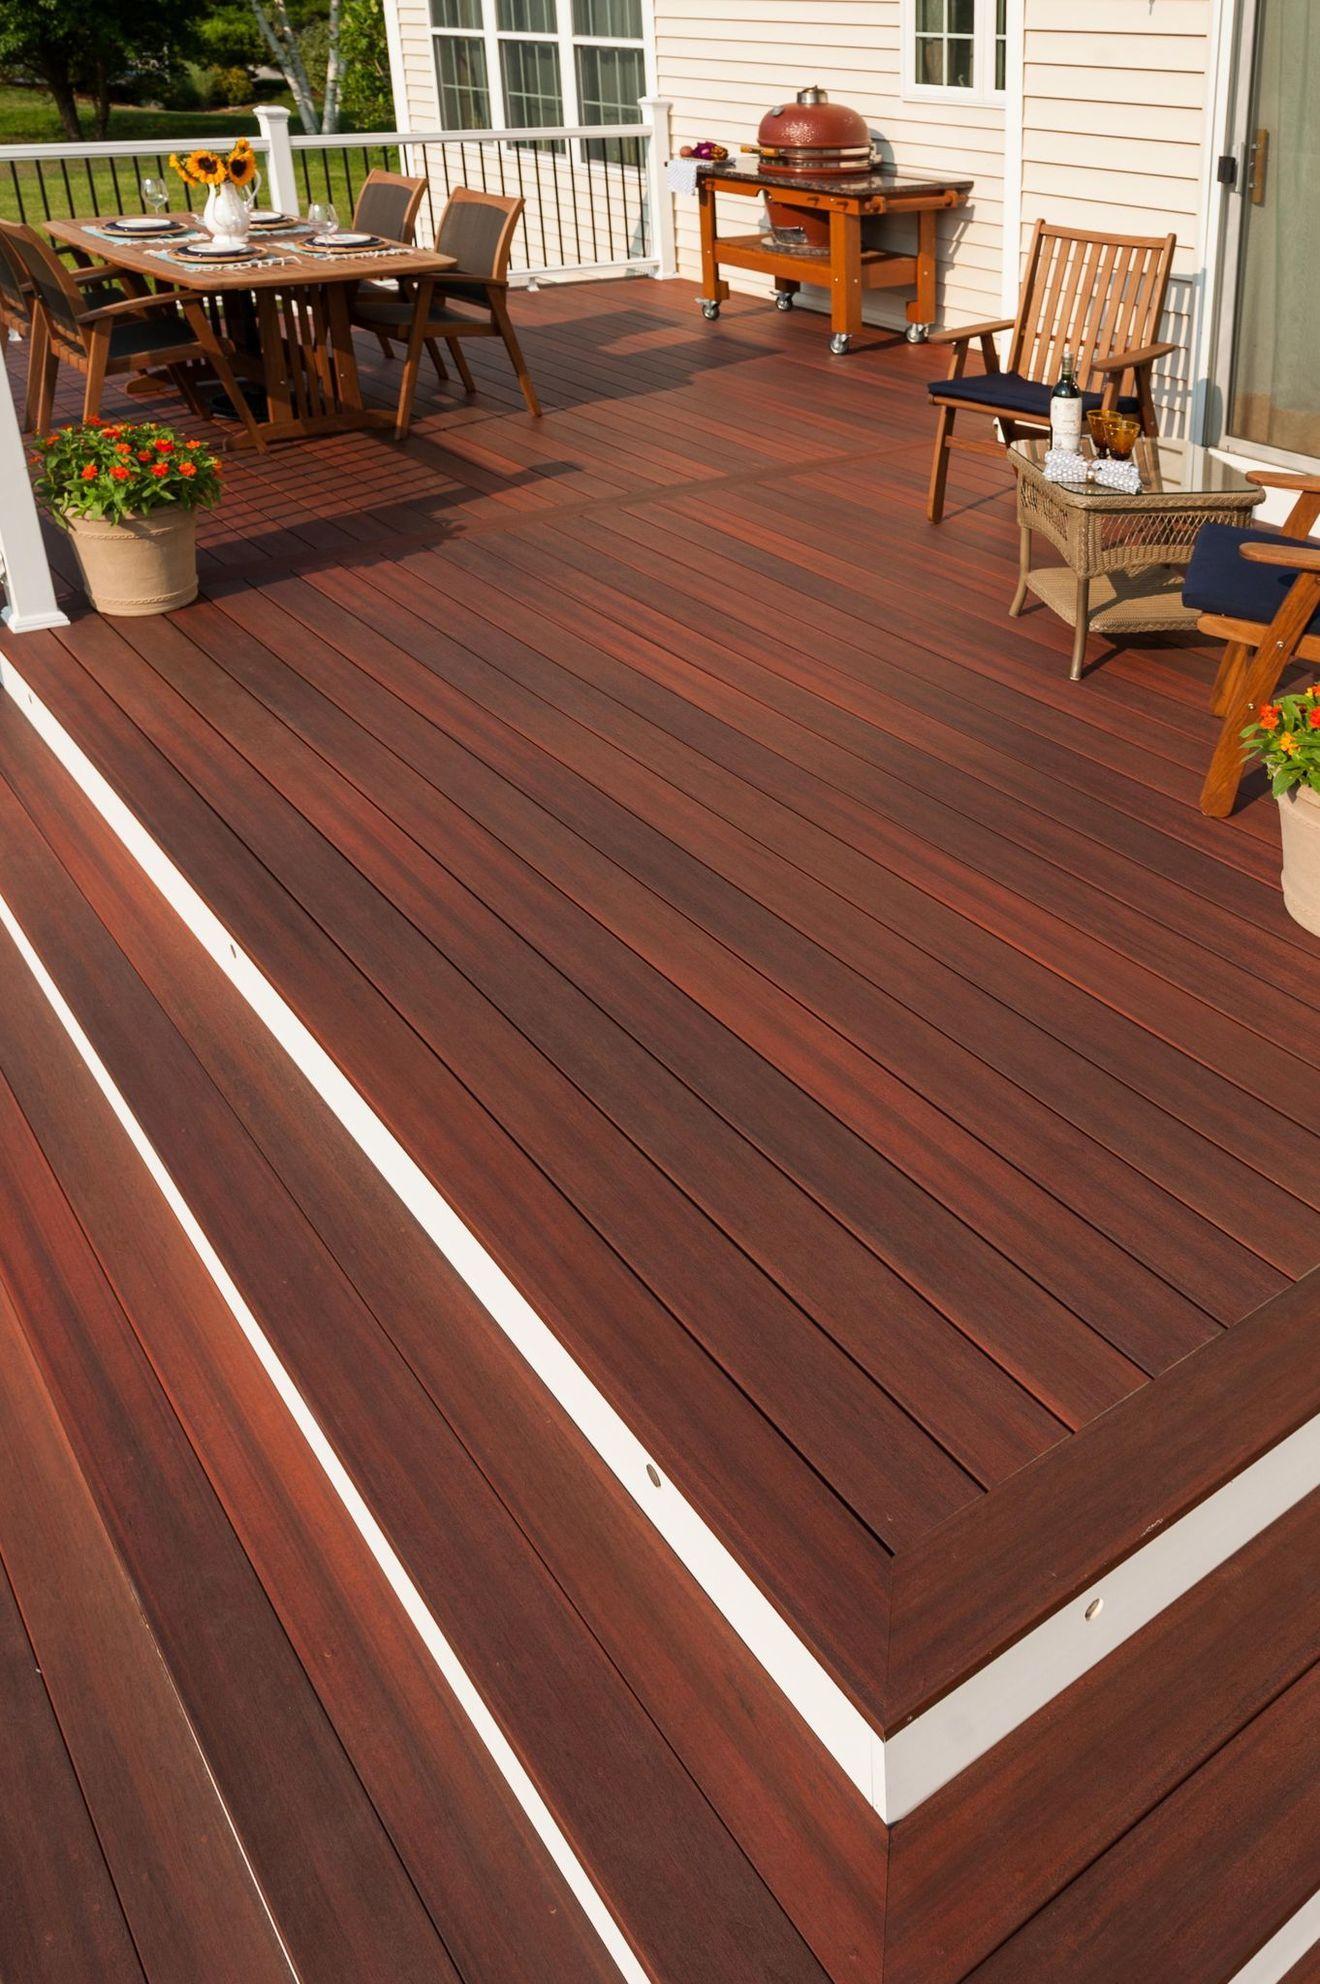 Terrasse bois : 15 belles photos de terrasses en bois   Terrasse bois, Terrasse bois composite ...